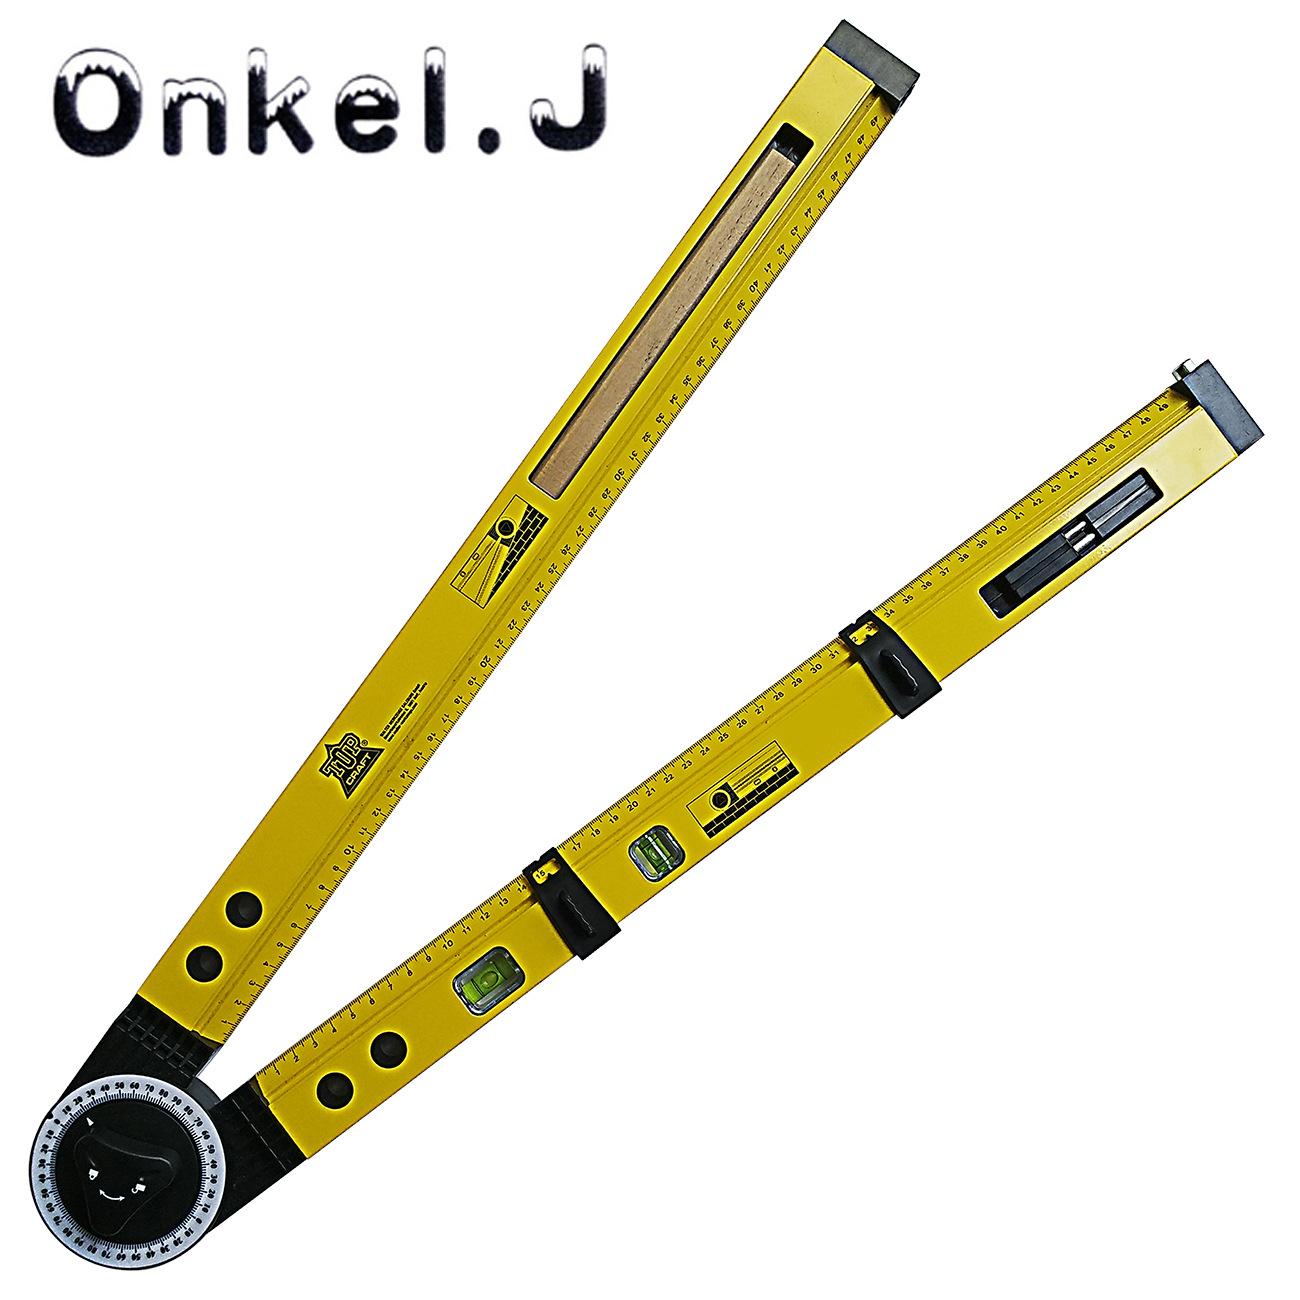 Onkel.J Dụng cụ đo lường Đa chức năng scribing đo gỗ chế biến gỗ scribe la bàn độ dốc đo dụng cụ góc